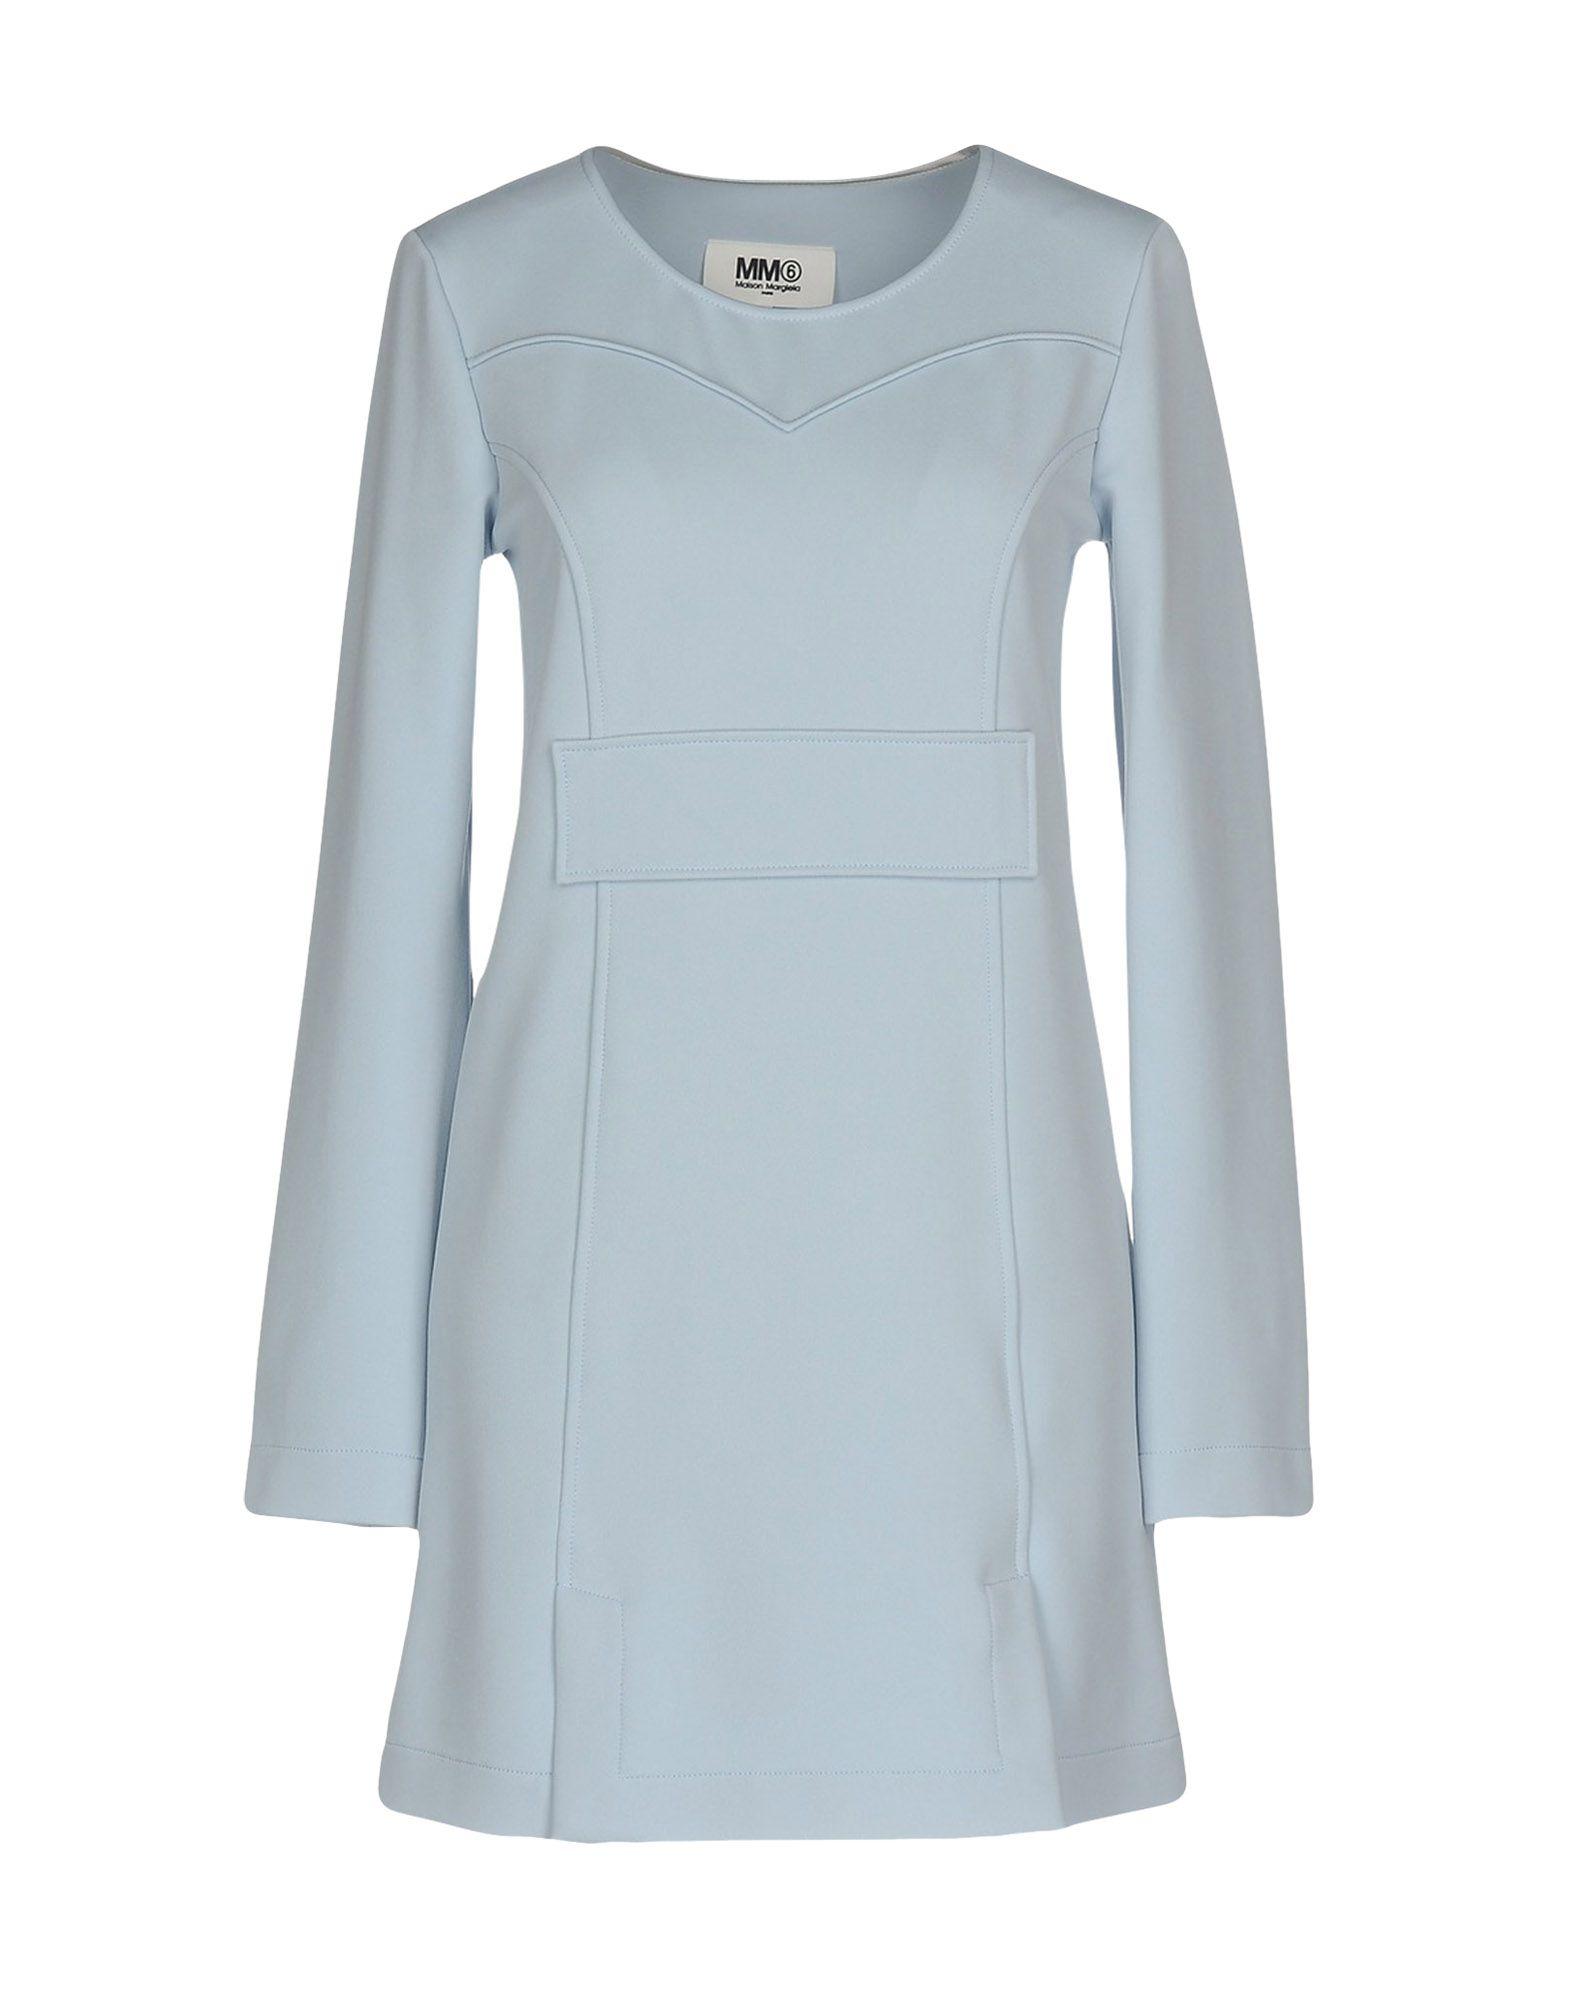 MM6 MAISON MARGIELA Damen Kurzes Kleid Farbe Himmelblau Größe 5 jetztbilligerkaufen